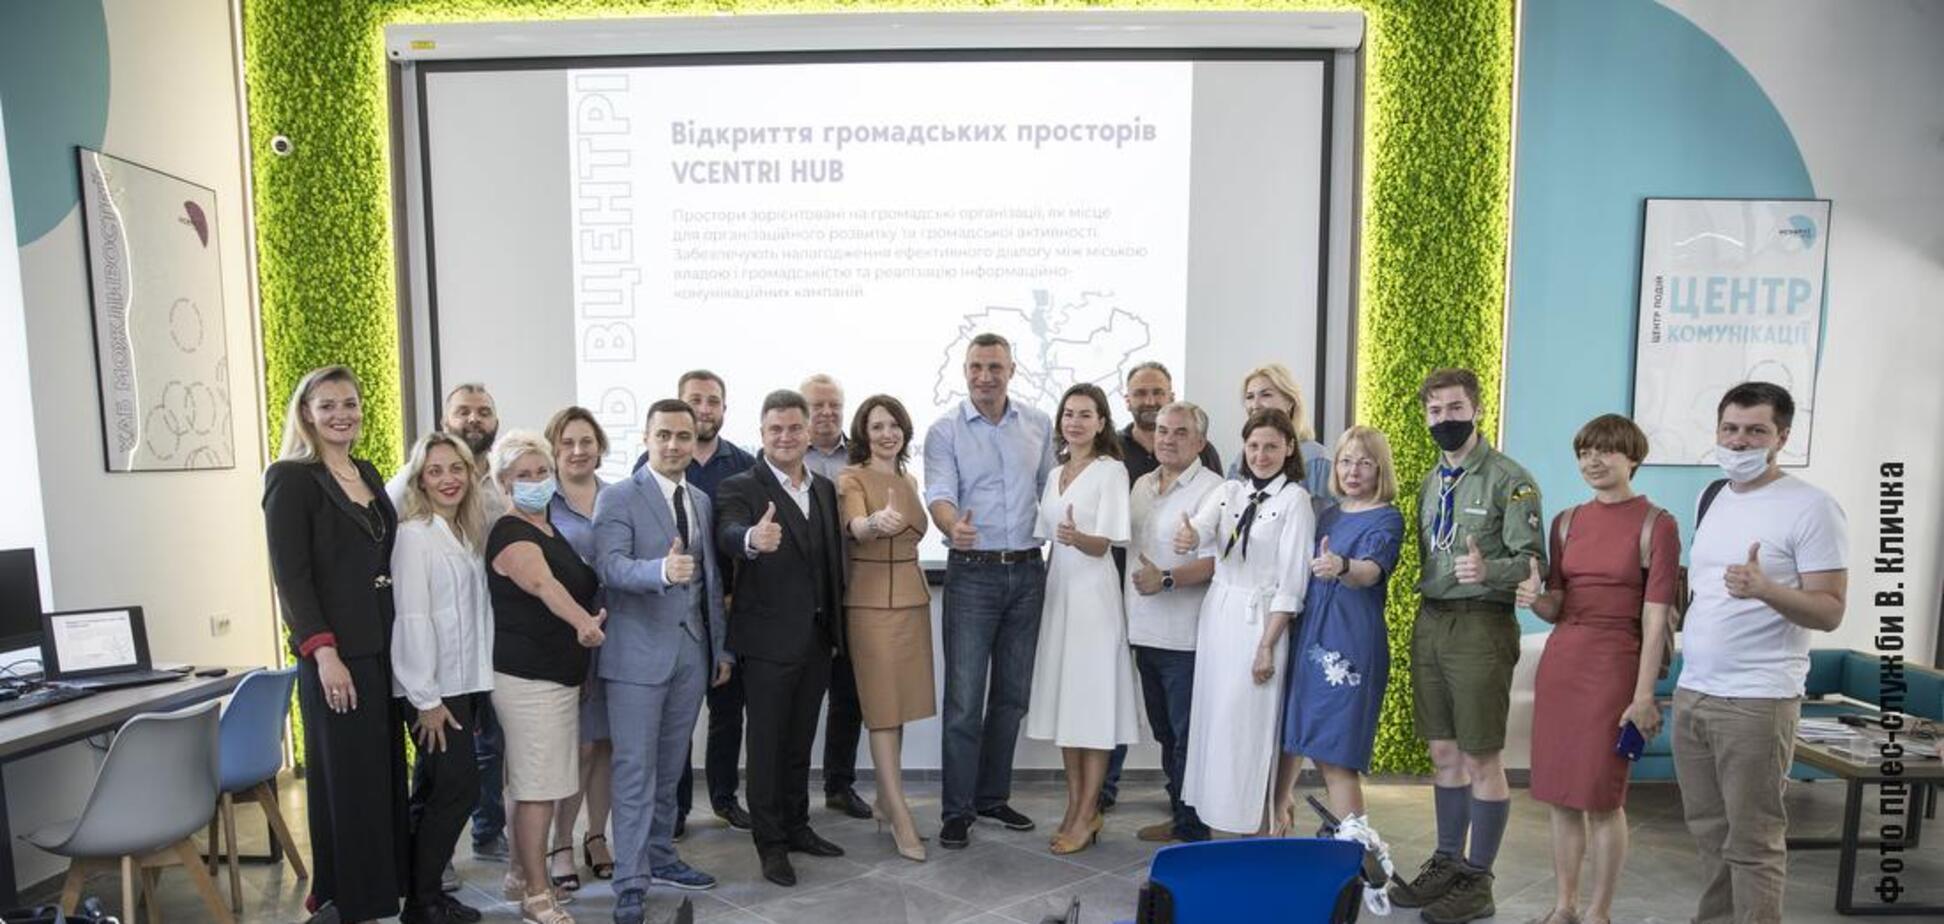 Кличко открыл в Киеве новое общественное пространство – VCENTRI HUB